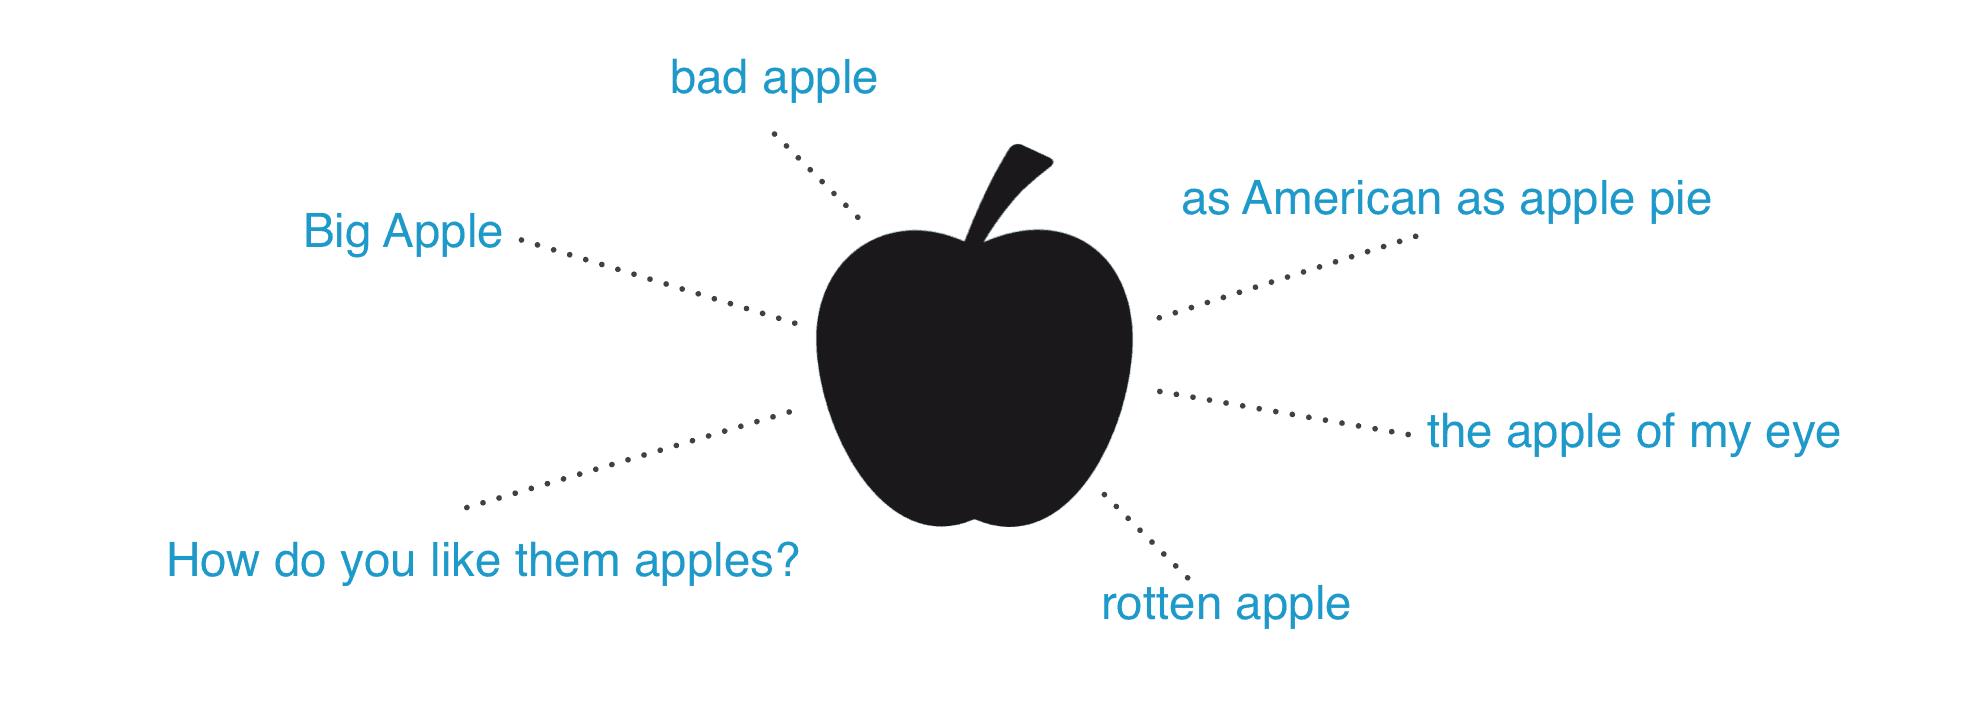 angielskie-idiomy-z-apple-lista-slowek